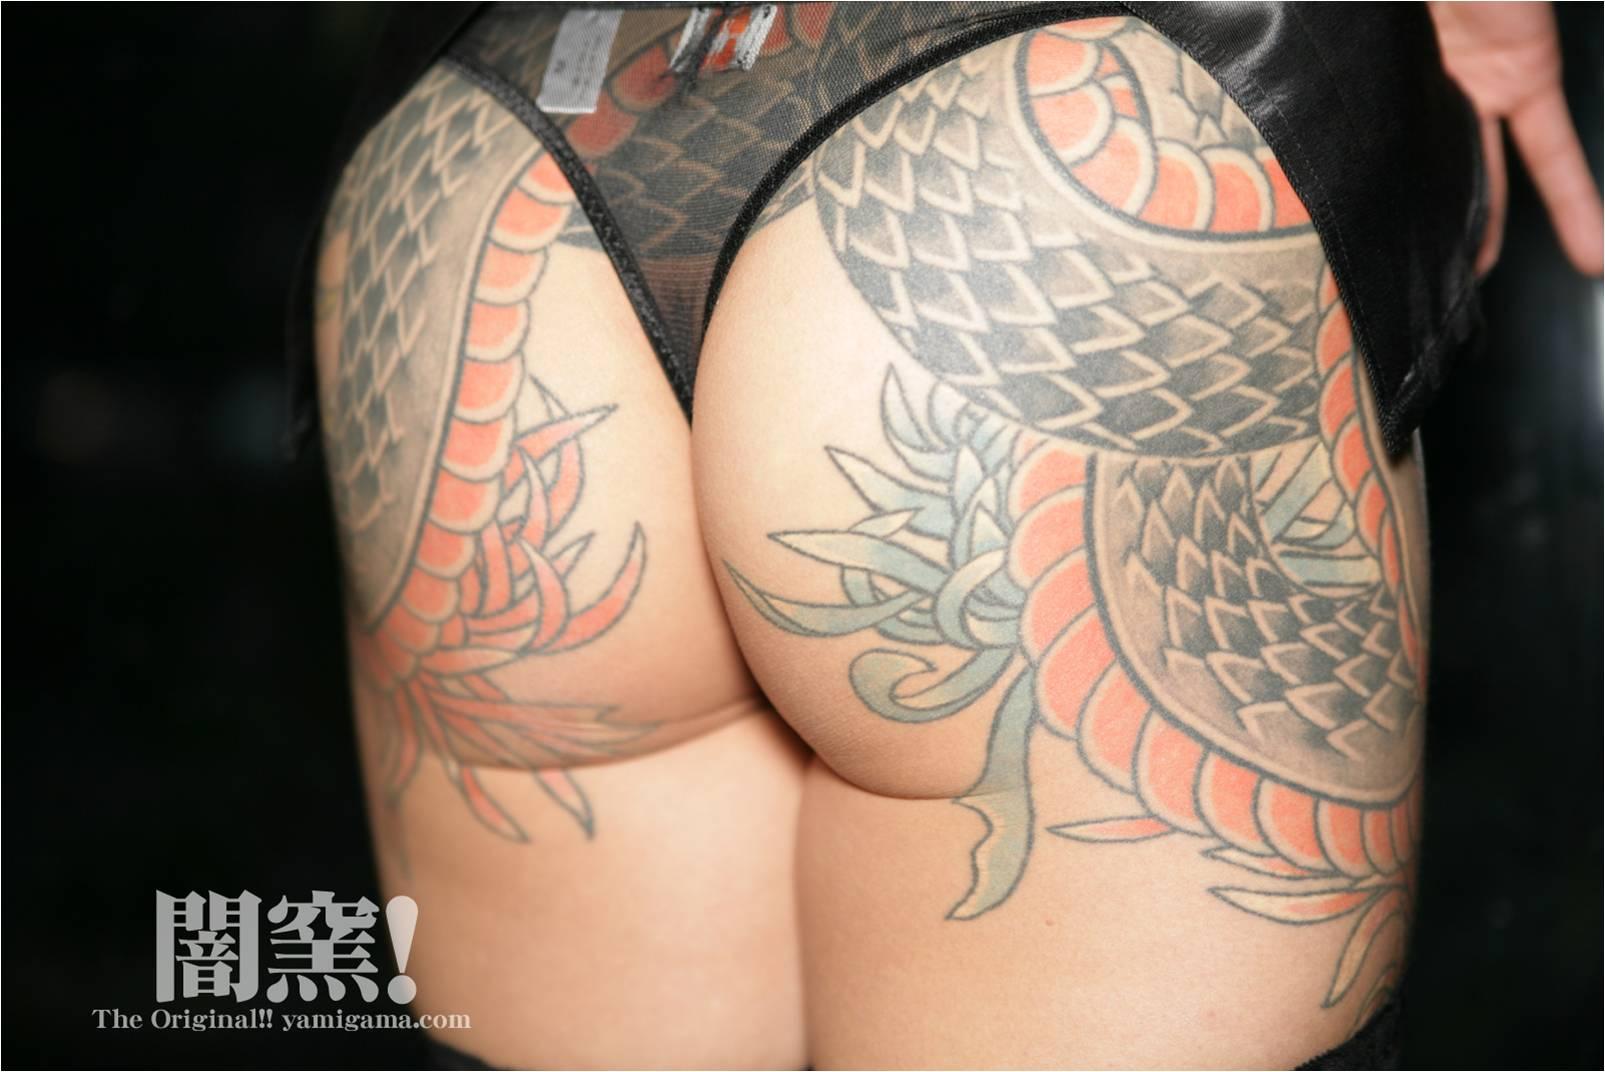 yamigama 刺青 刺青入りの美女がエロい体で誘惑してくる画像がめちゃシコ[40枚 ...